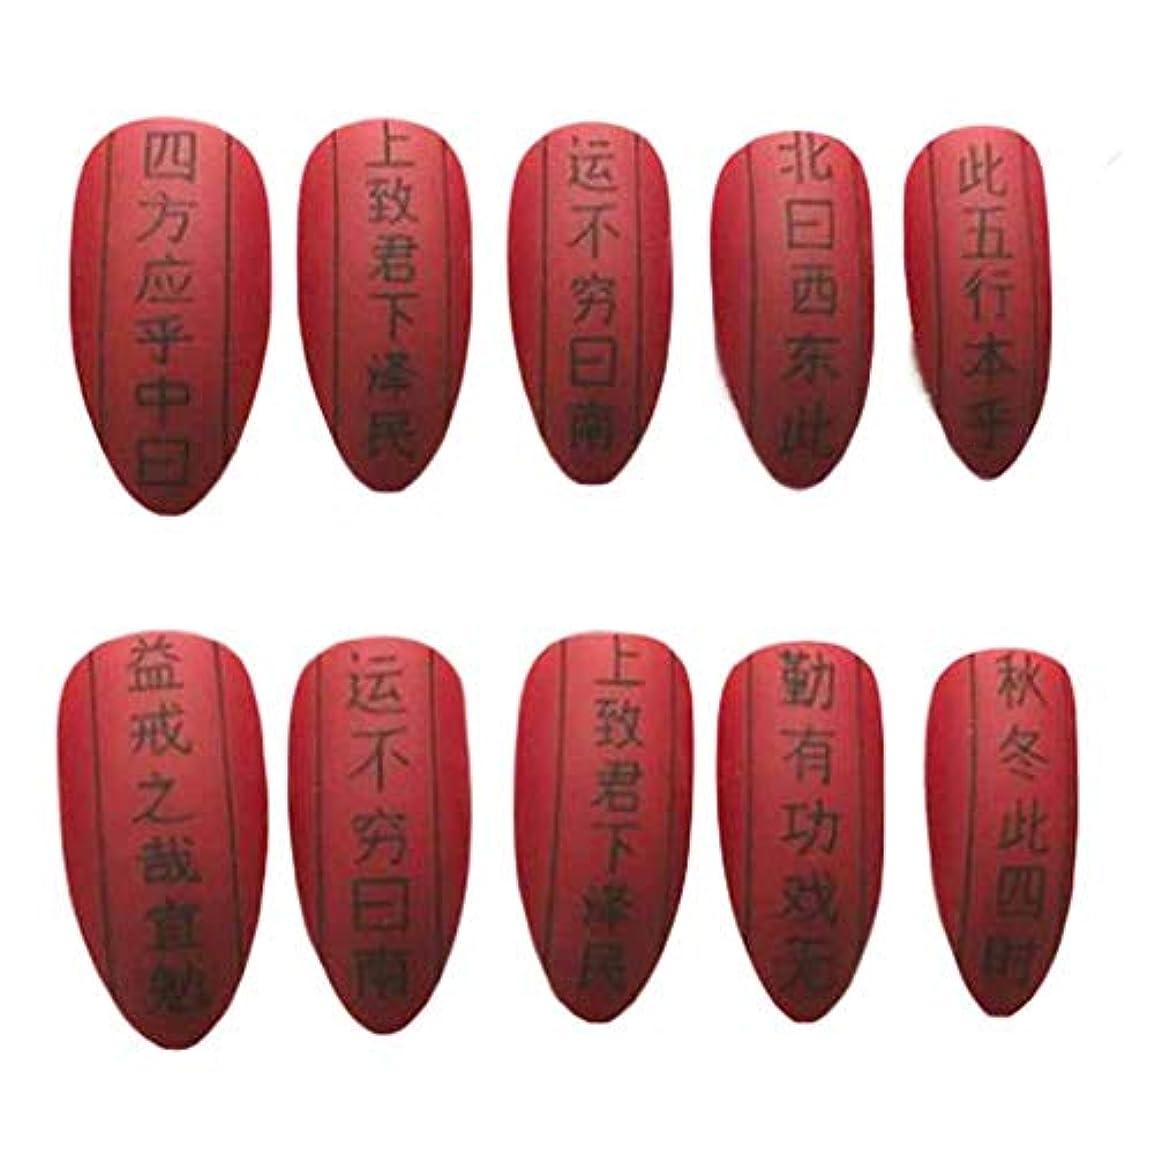 靄鷲窒素三字経 - 赤い偽の指爪人工爪の装飾の爪のヒント